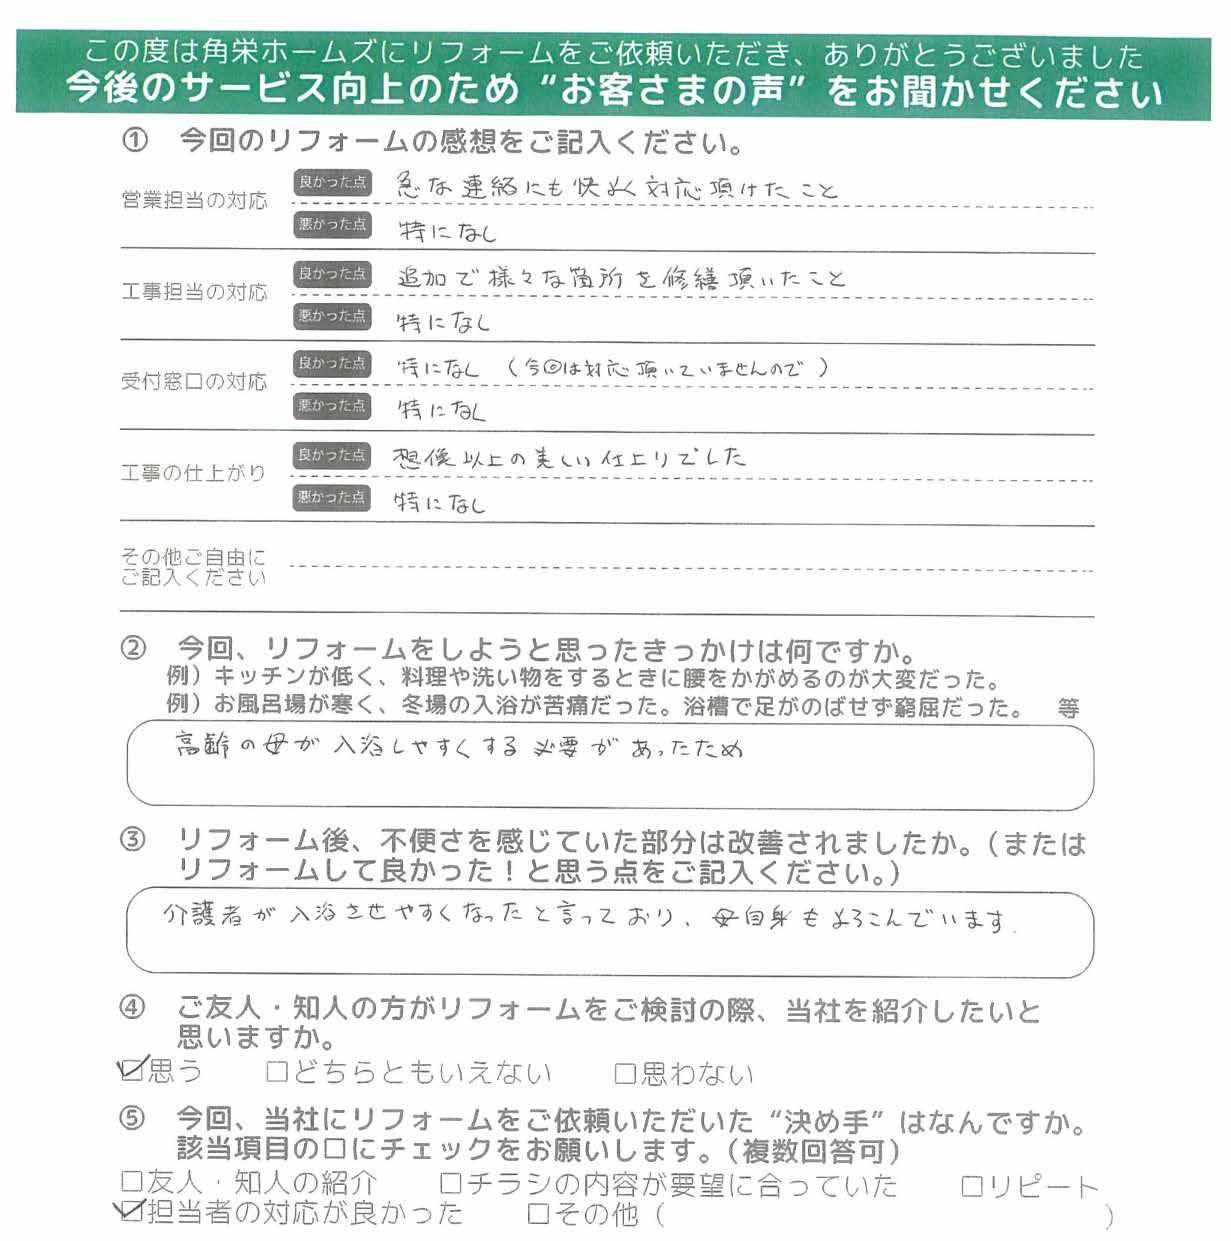 埼玉県坂戸市(水まわりリフォーム)のお客さまの直筆